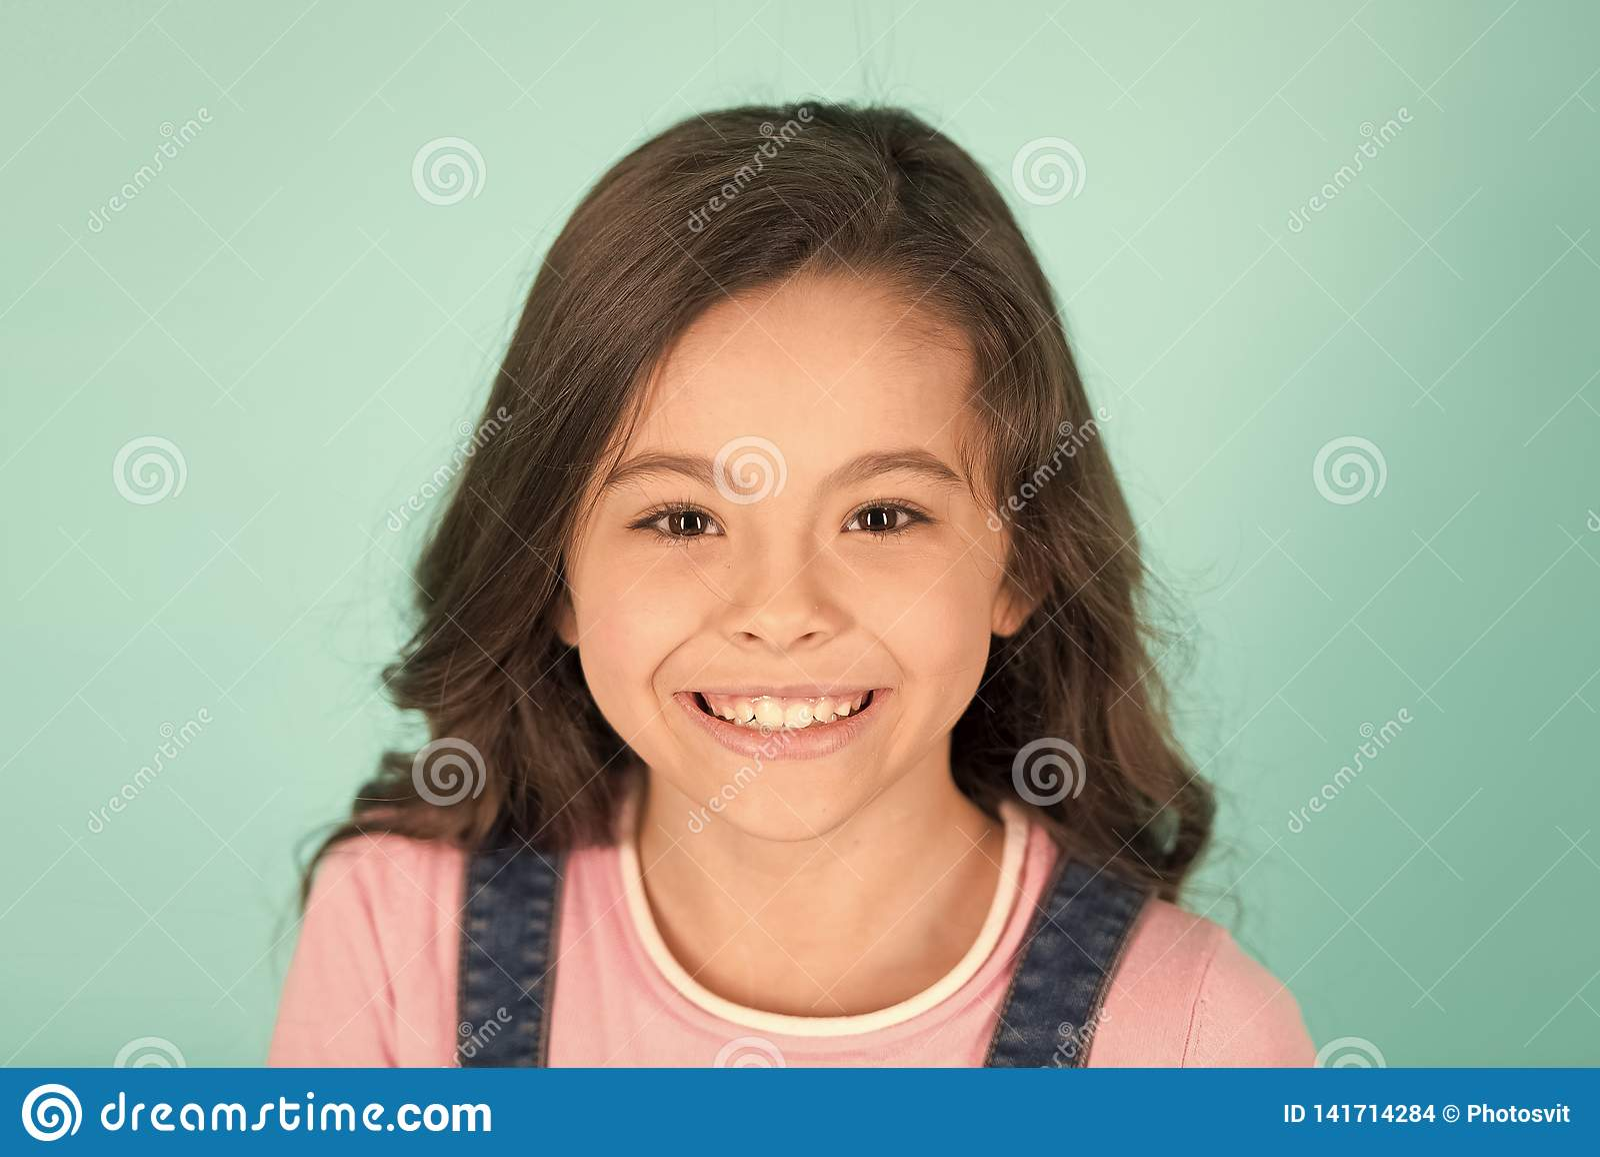 Mooie glimlach Kind gelukkige geniet vrolijk van kinderjaren Meisjes krullend kapsel aanbiddelijk het glimlachen gelukkig gezicht